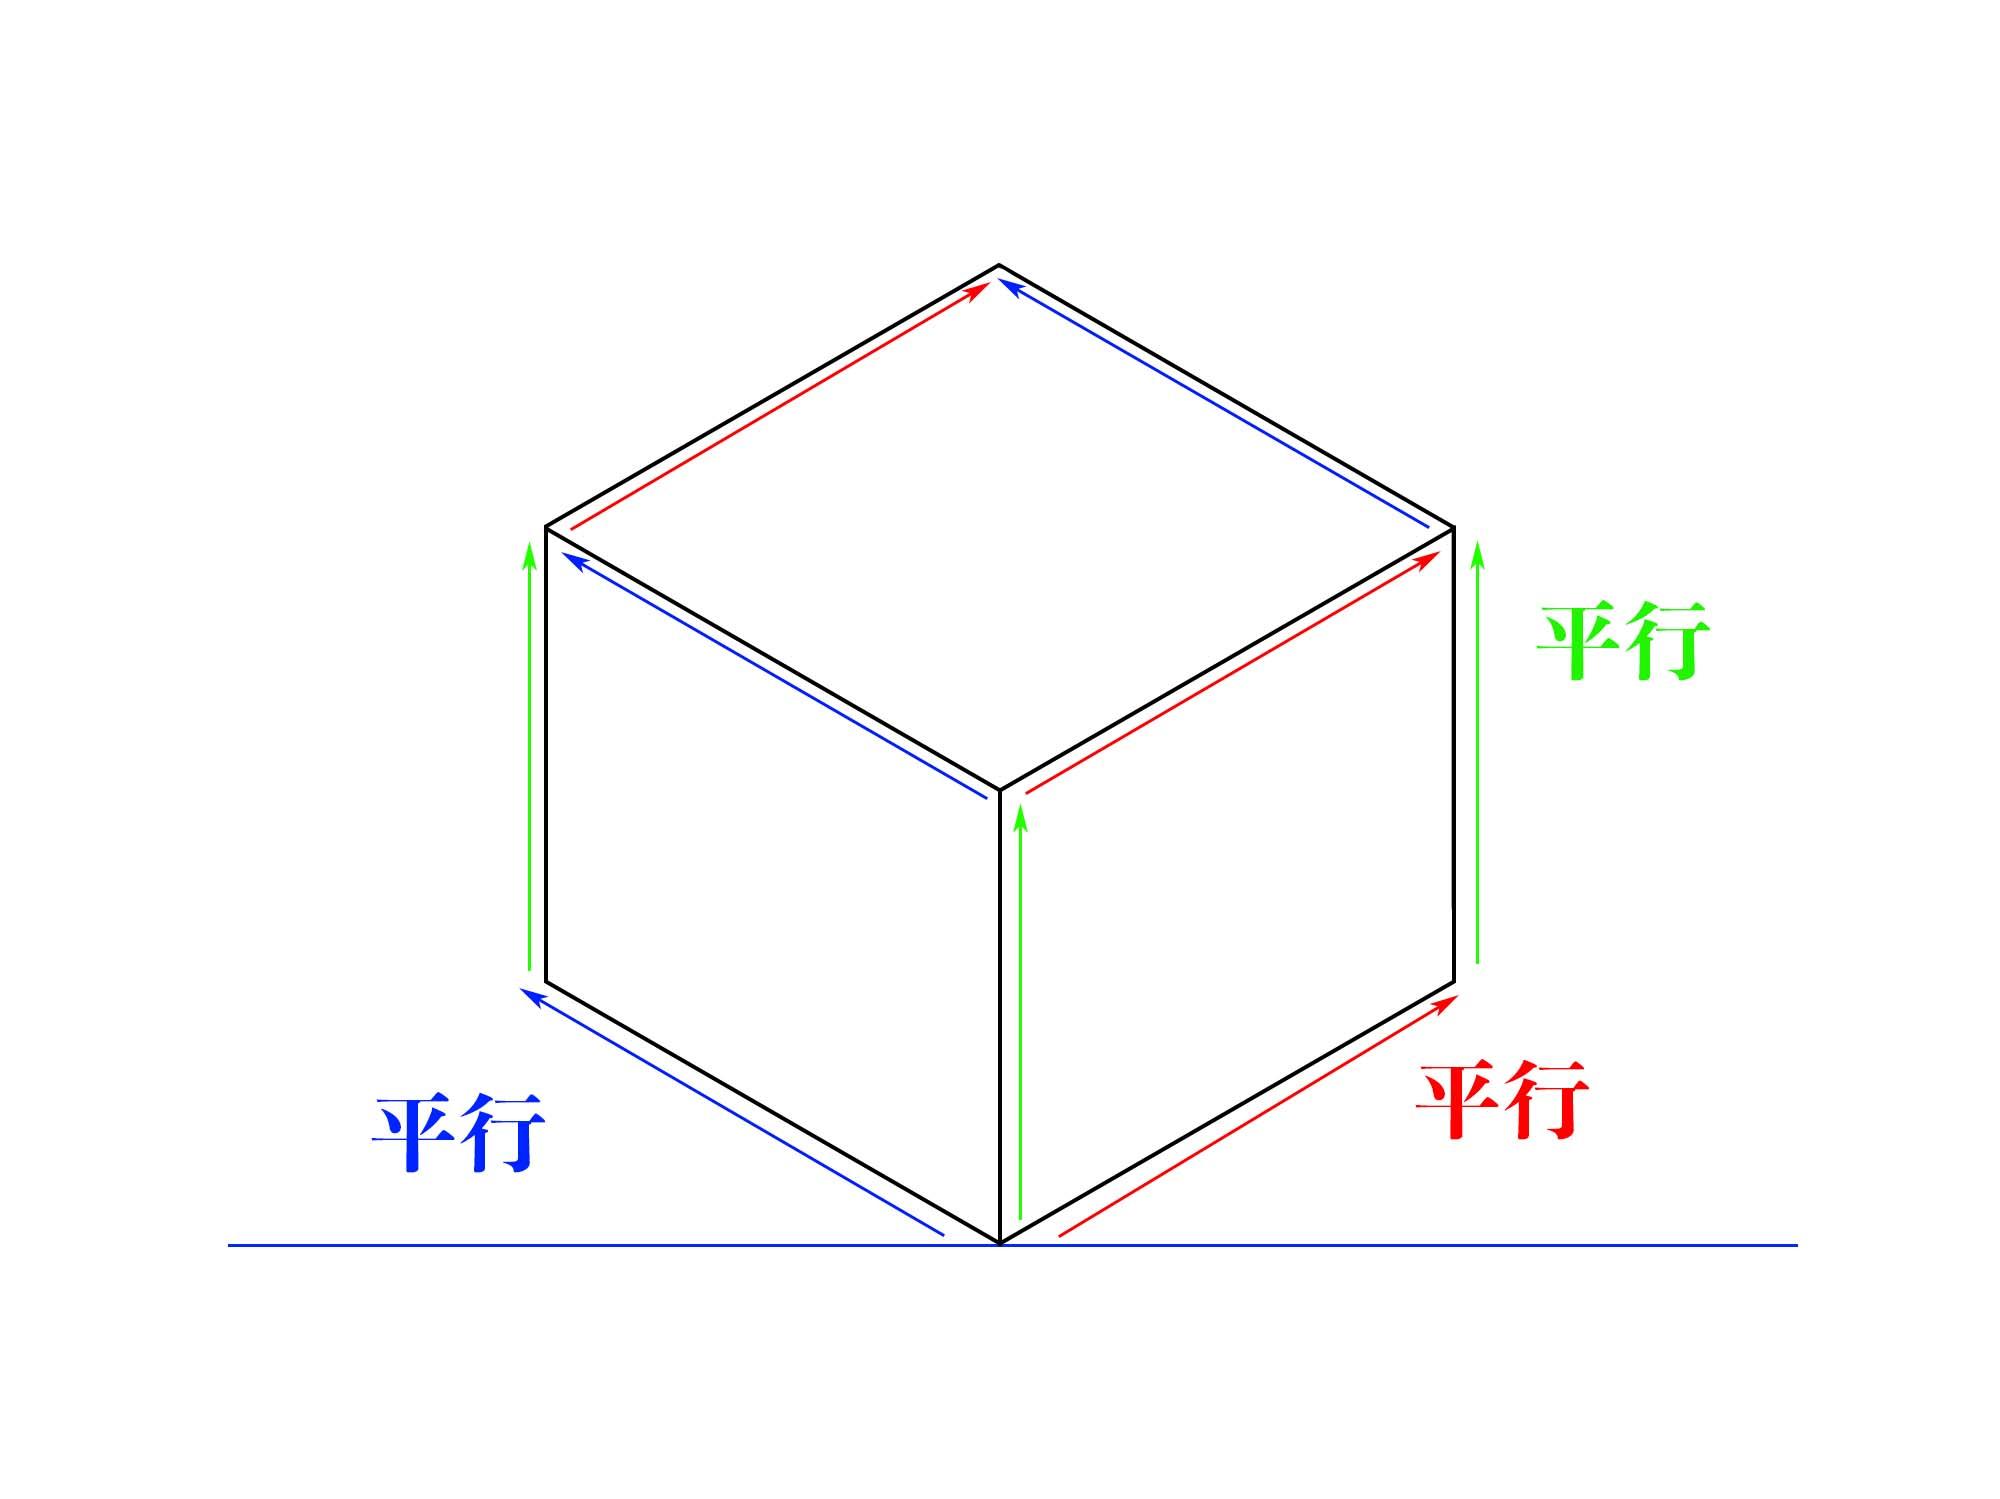 平行投影図とは